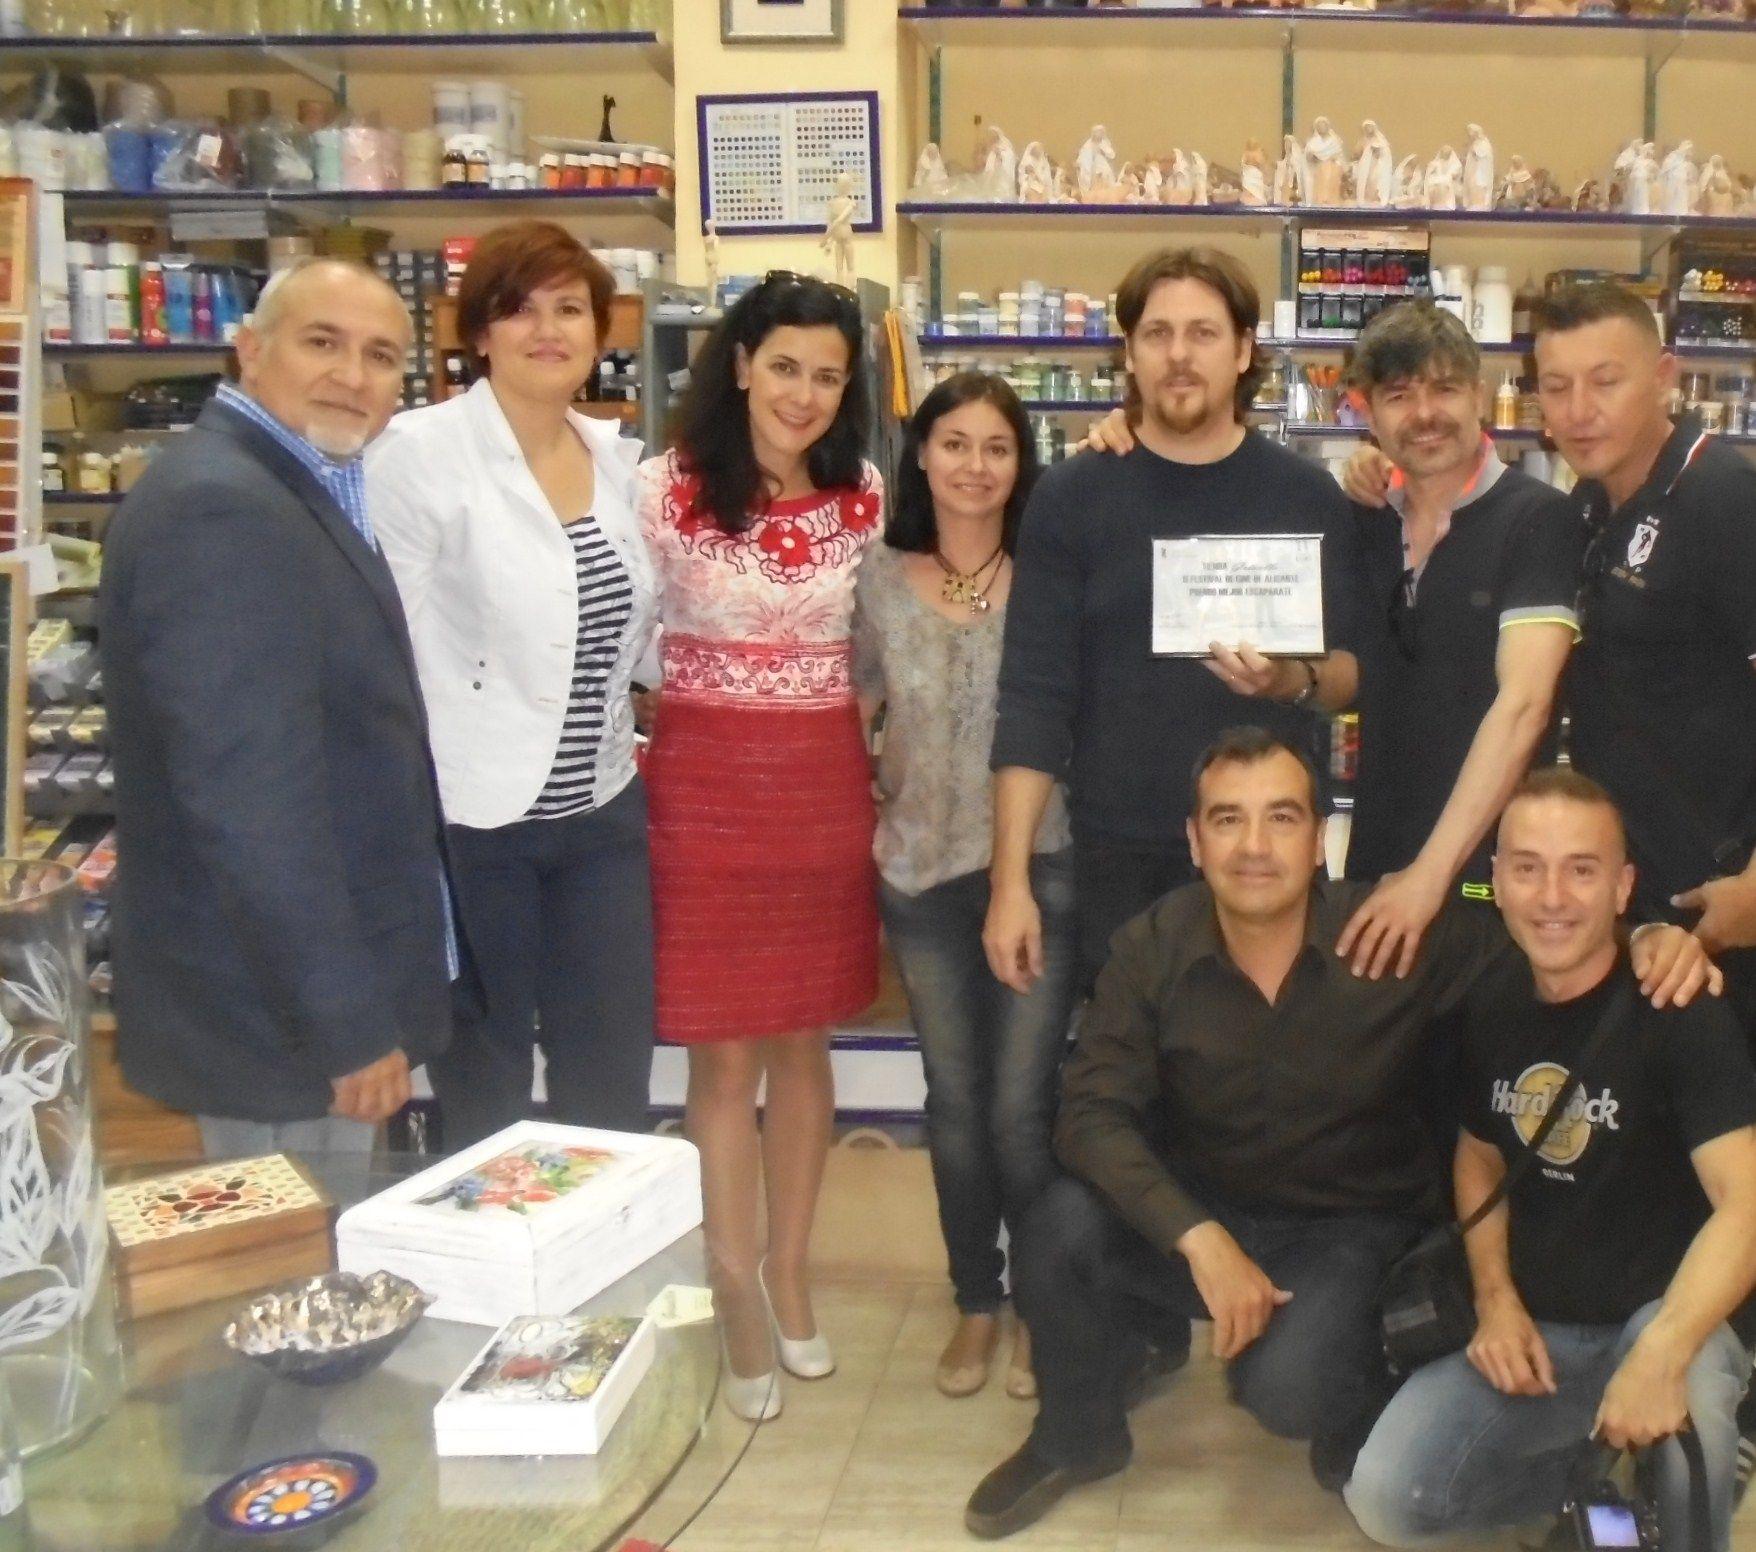 Recibiendo el premio con Belén González, Vicente Seva y Nacho Guerreros